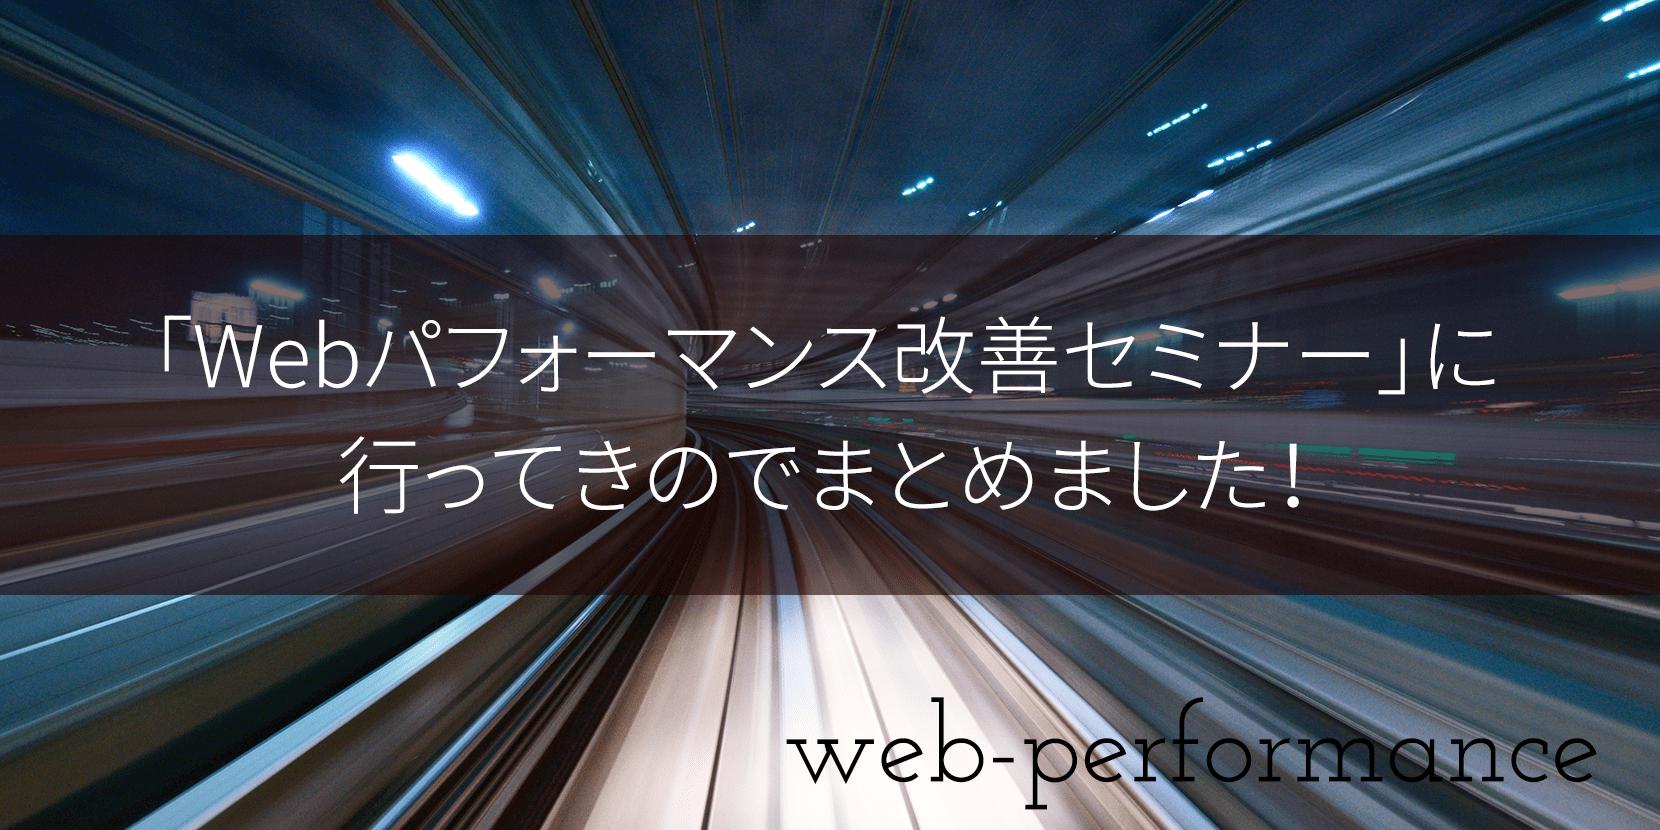 「Webパフォーマンス改善セミナー」に行ってきのでまとめました!